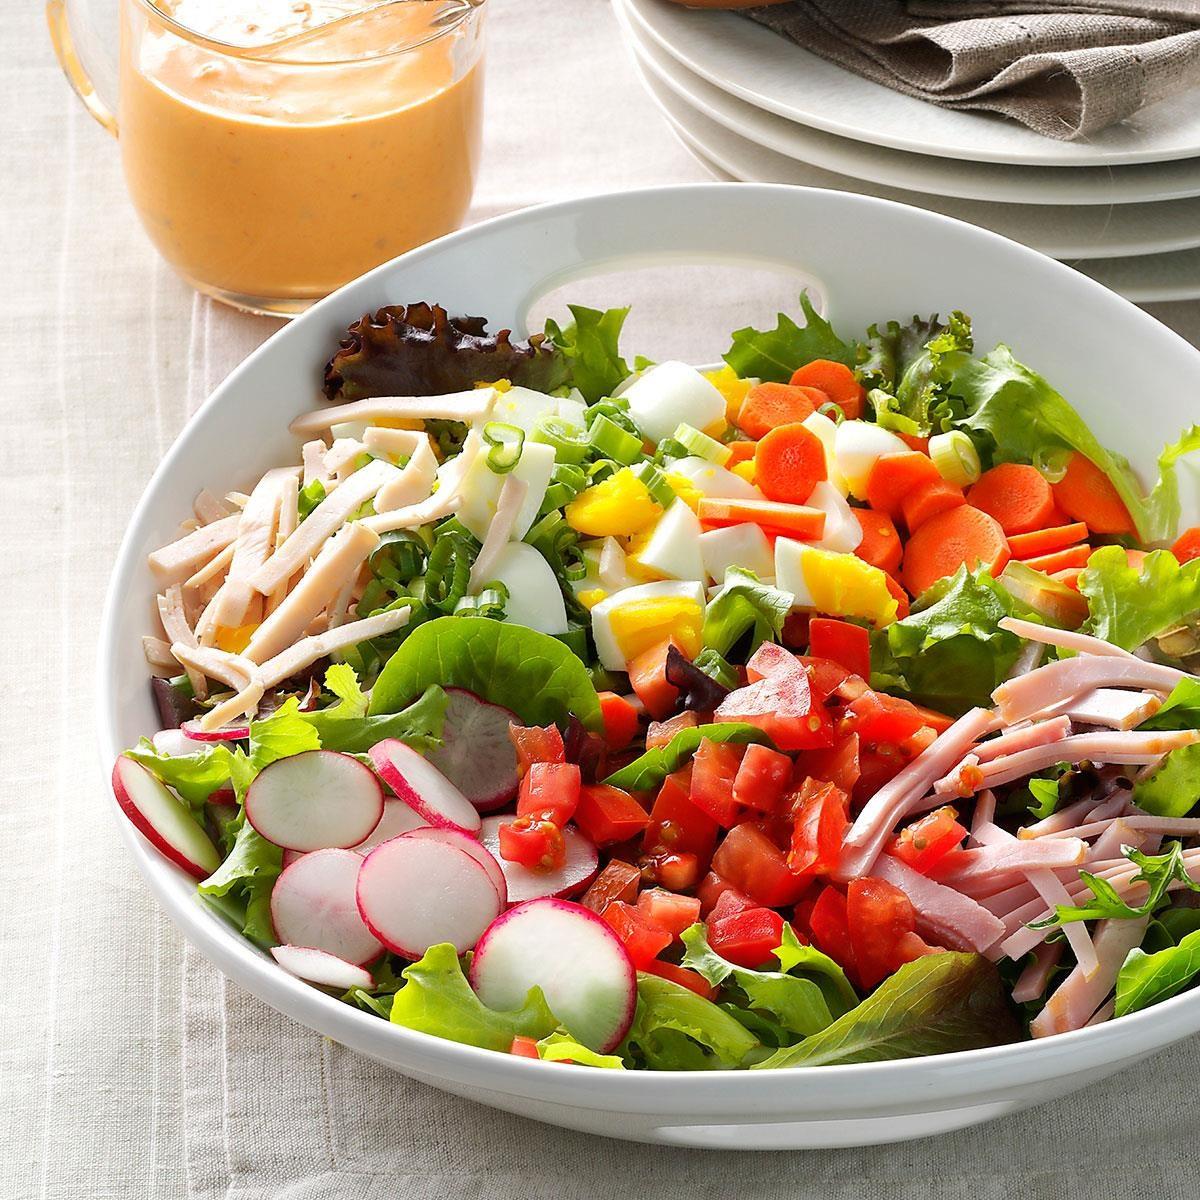 Garden-Fresh Chef Salad Recipe